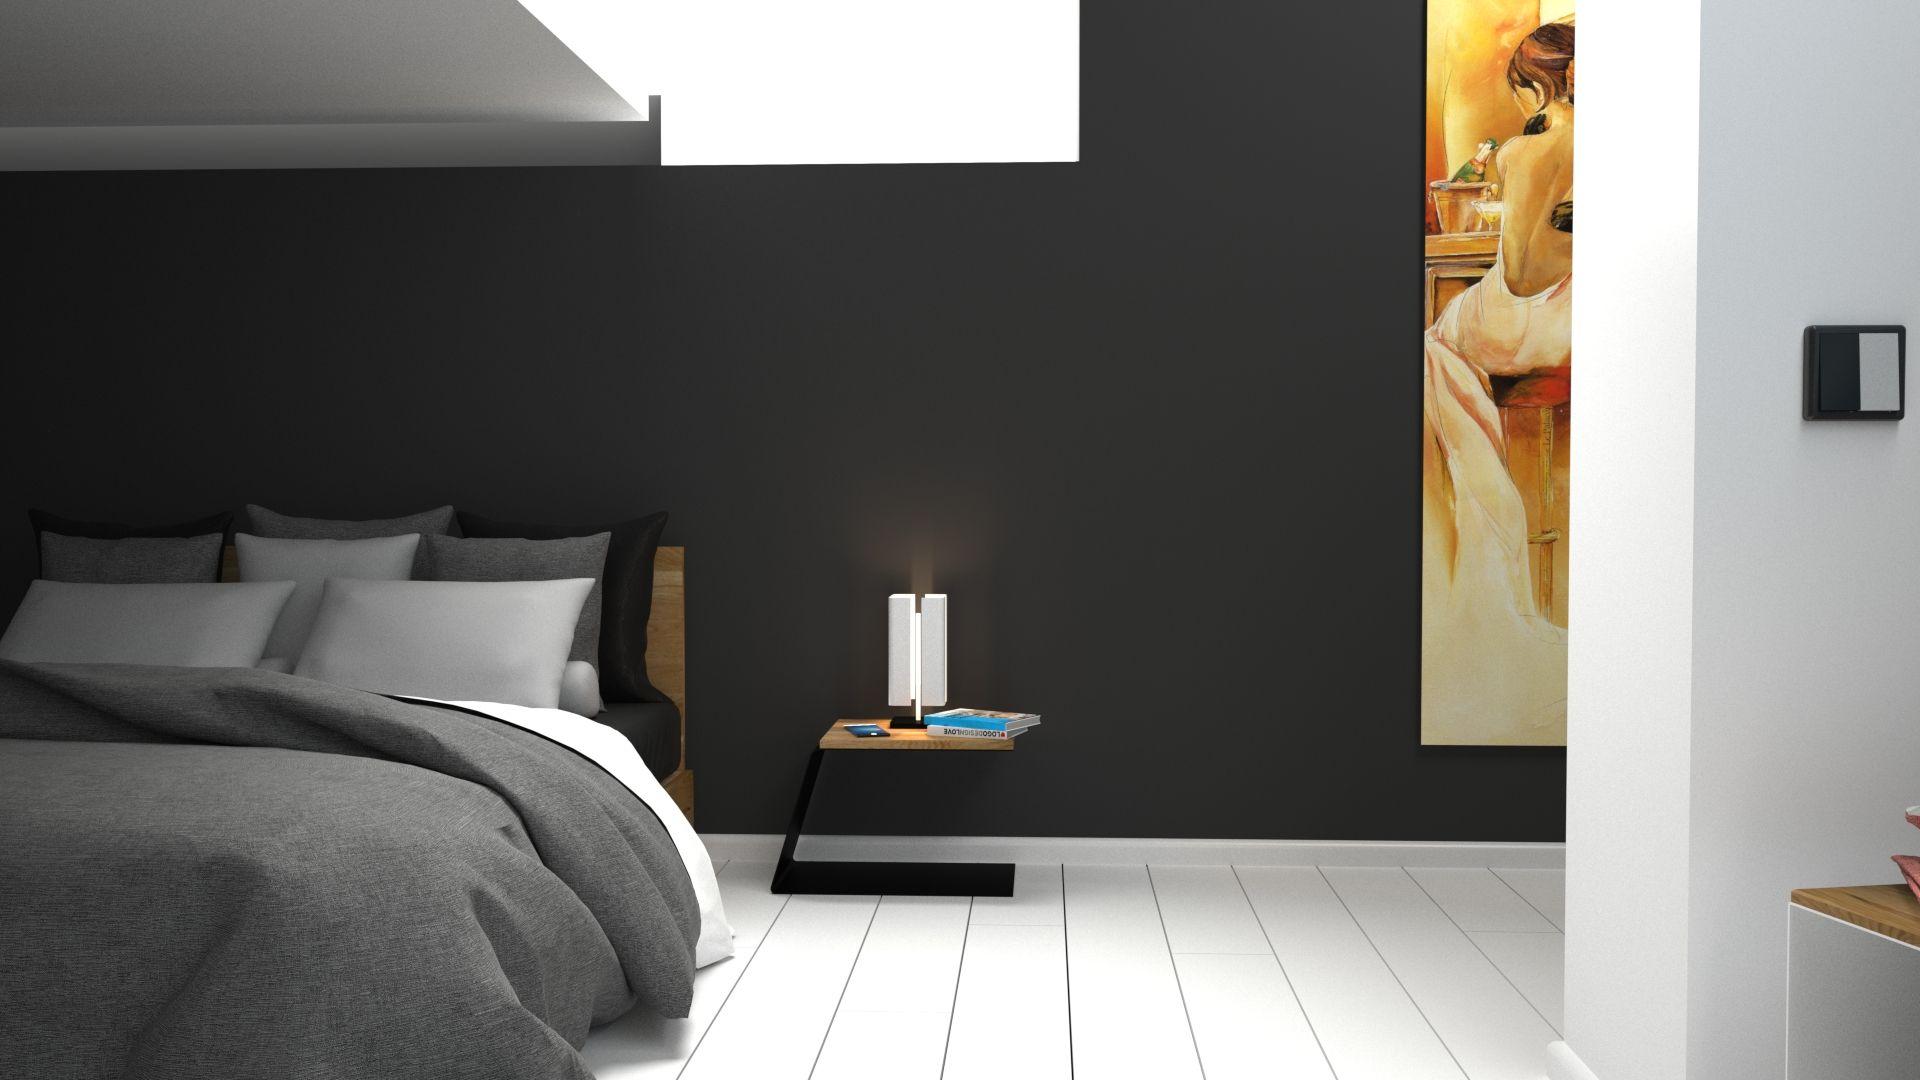 Nachttisch Weiß Metall ~ Nachttisch weiß metall holz eiche design schlafzimmer wohnzimmer